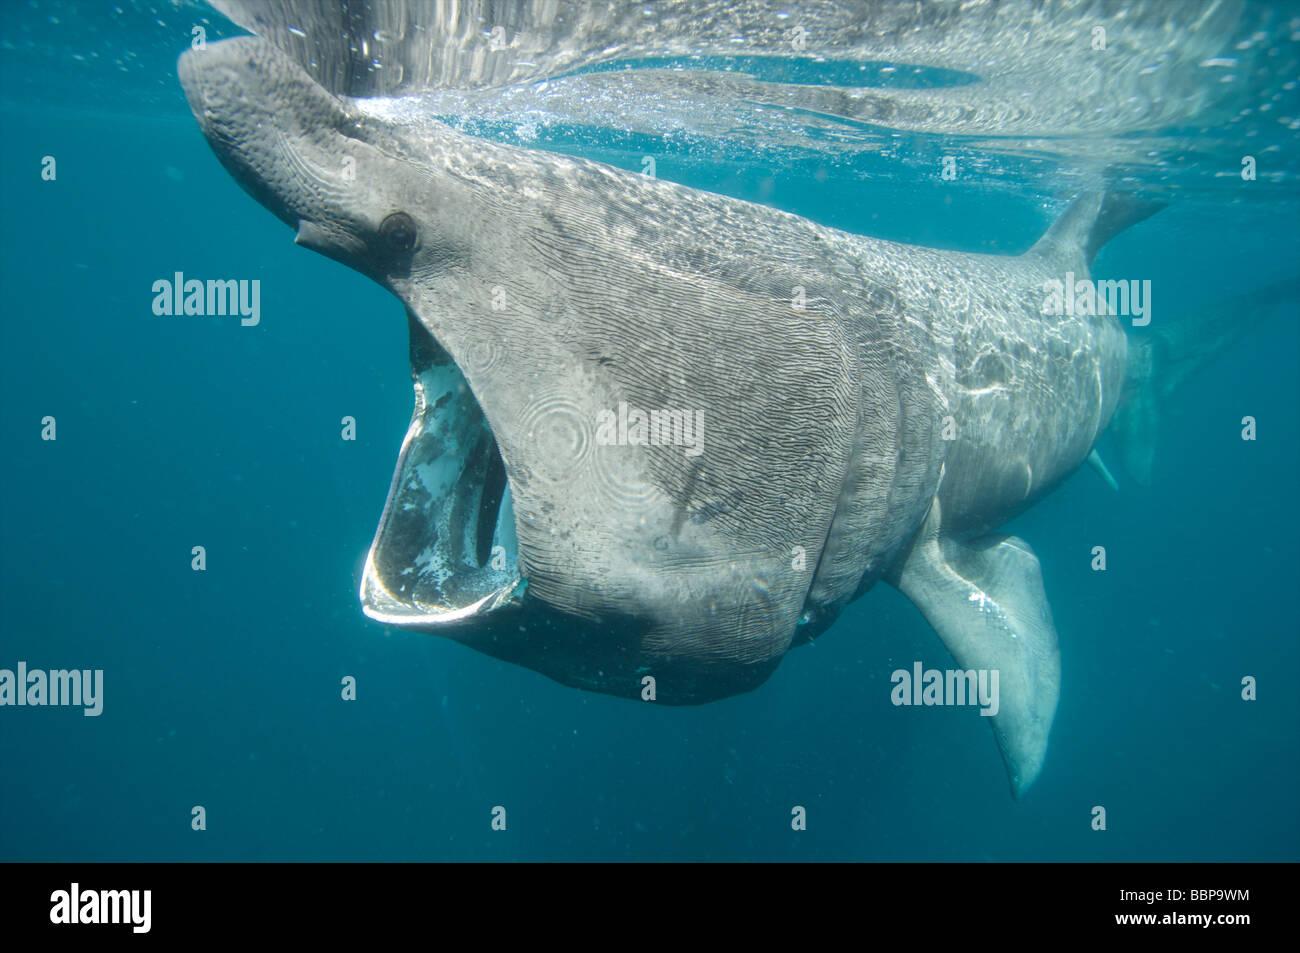 Basking shark feeding of the Cornish Coastline Cornwall UK - Stock Image